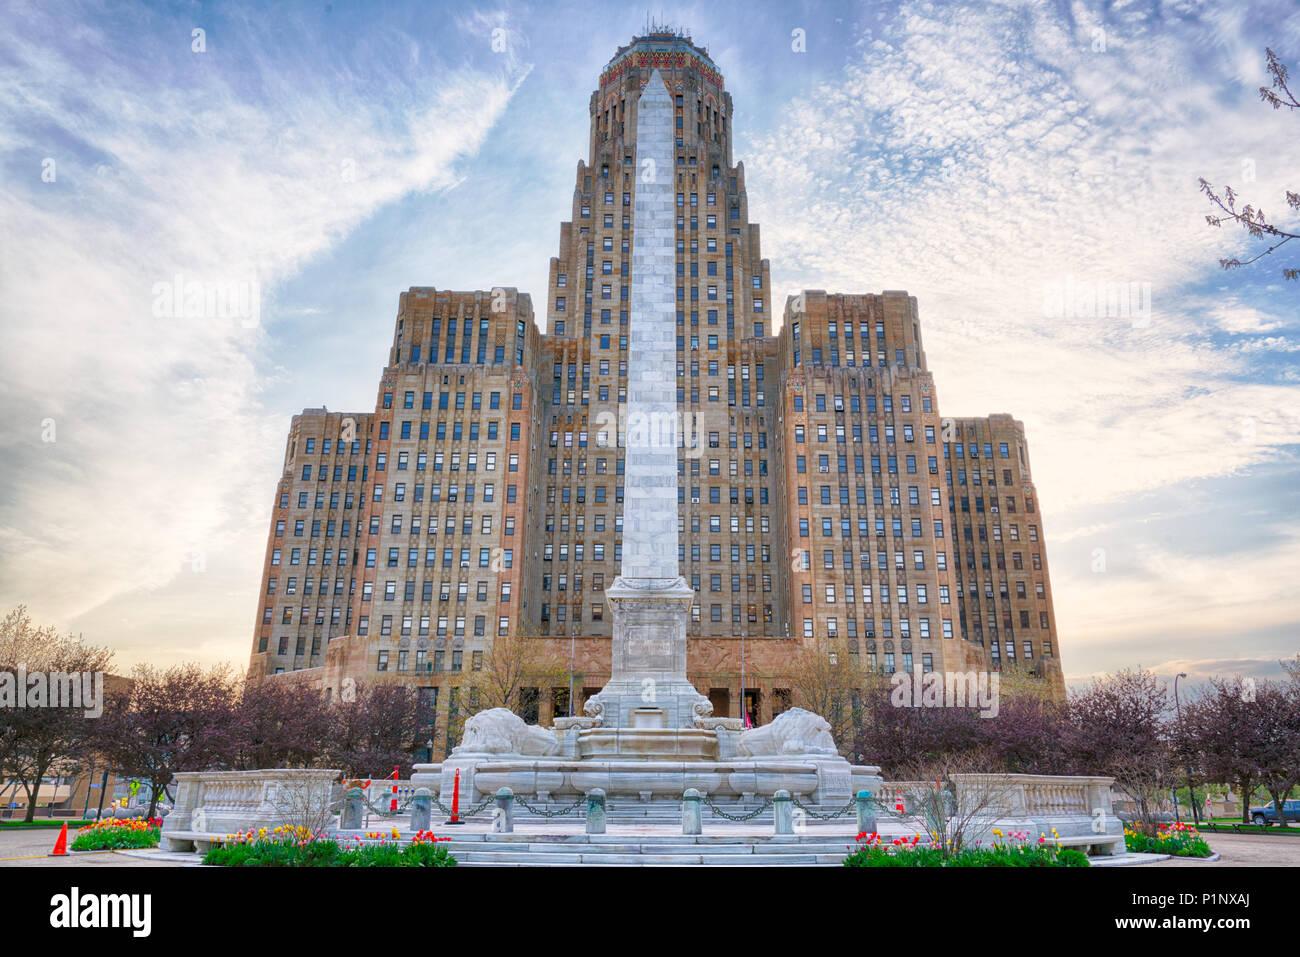 BUFFALO, NY - 15 de mayo de 2018: la construcción de la ciudad de Buffalo y McKinley monumento en el centro de Buffalo, Nueva York Imagen De Stock